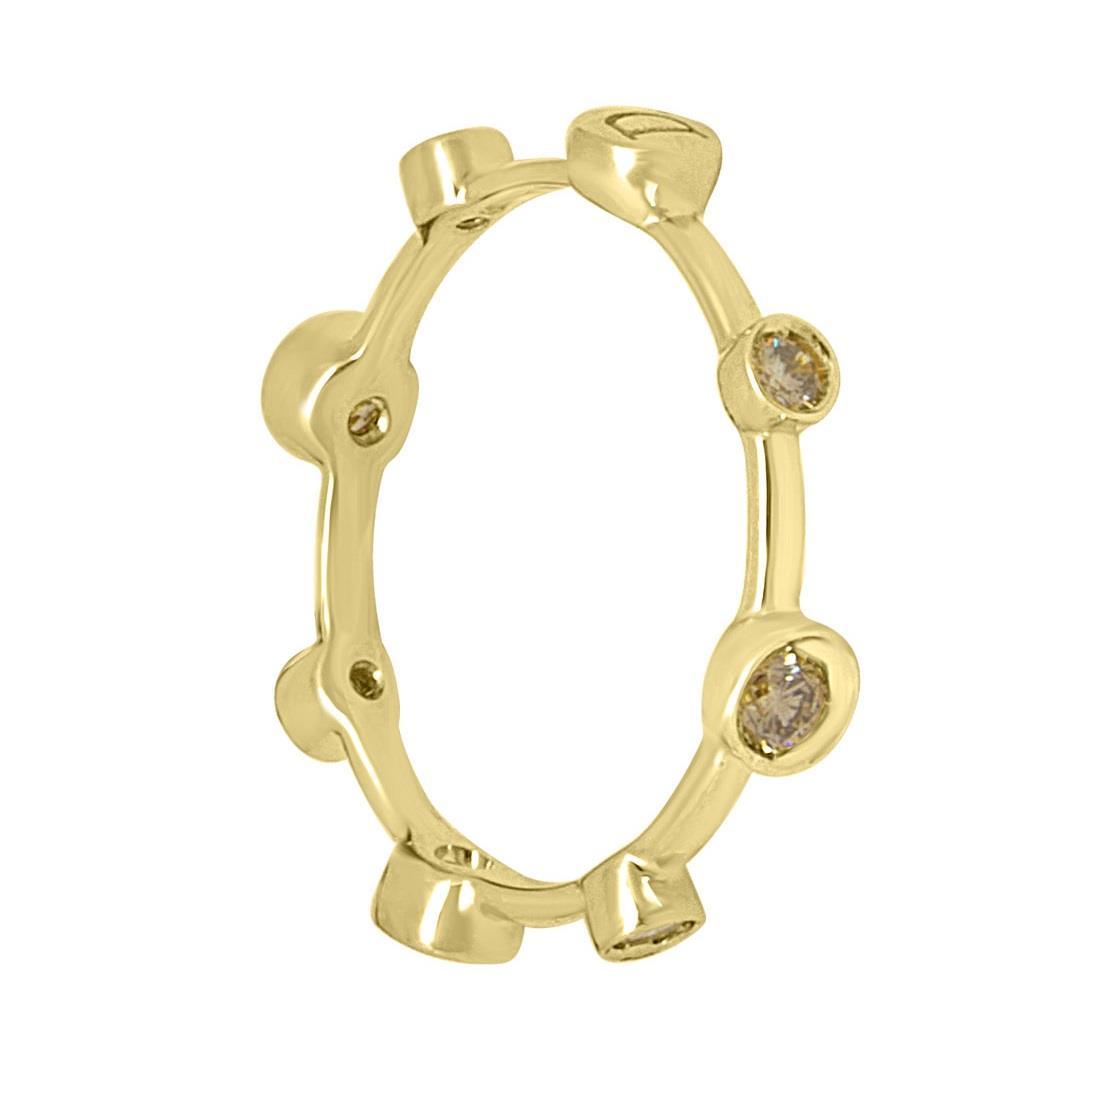 Anello in oro giallo con diamanti ct. 0,40 - DAMIANI